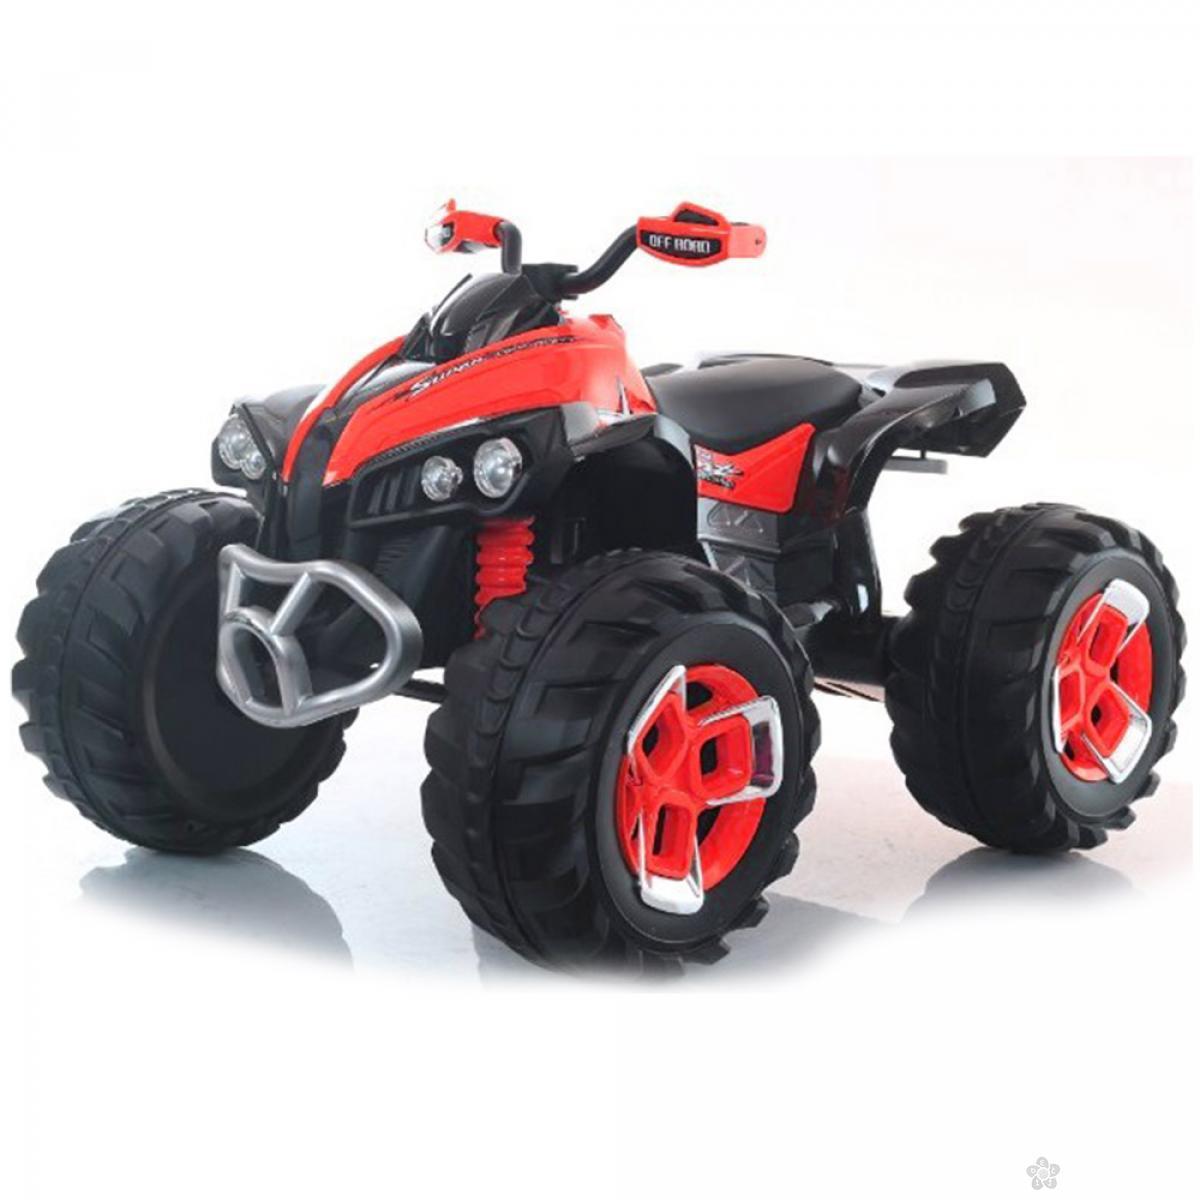 Bagi (quad) model 119 crvena